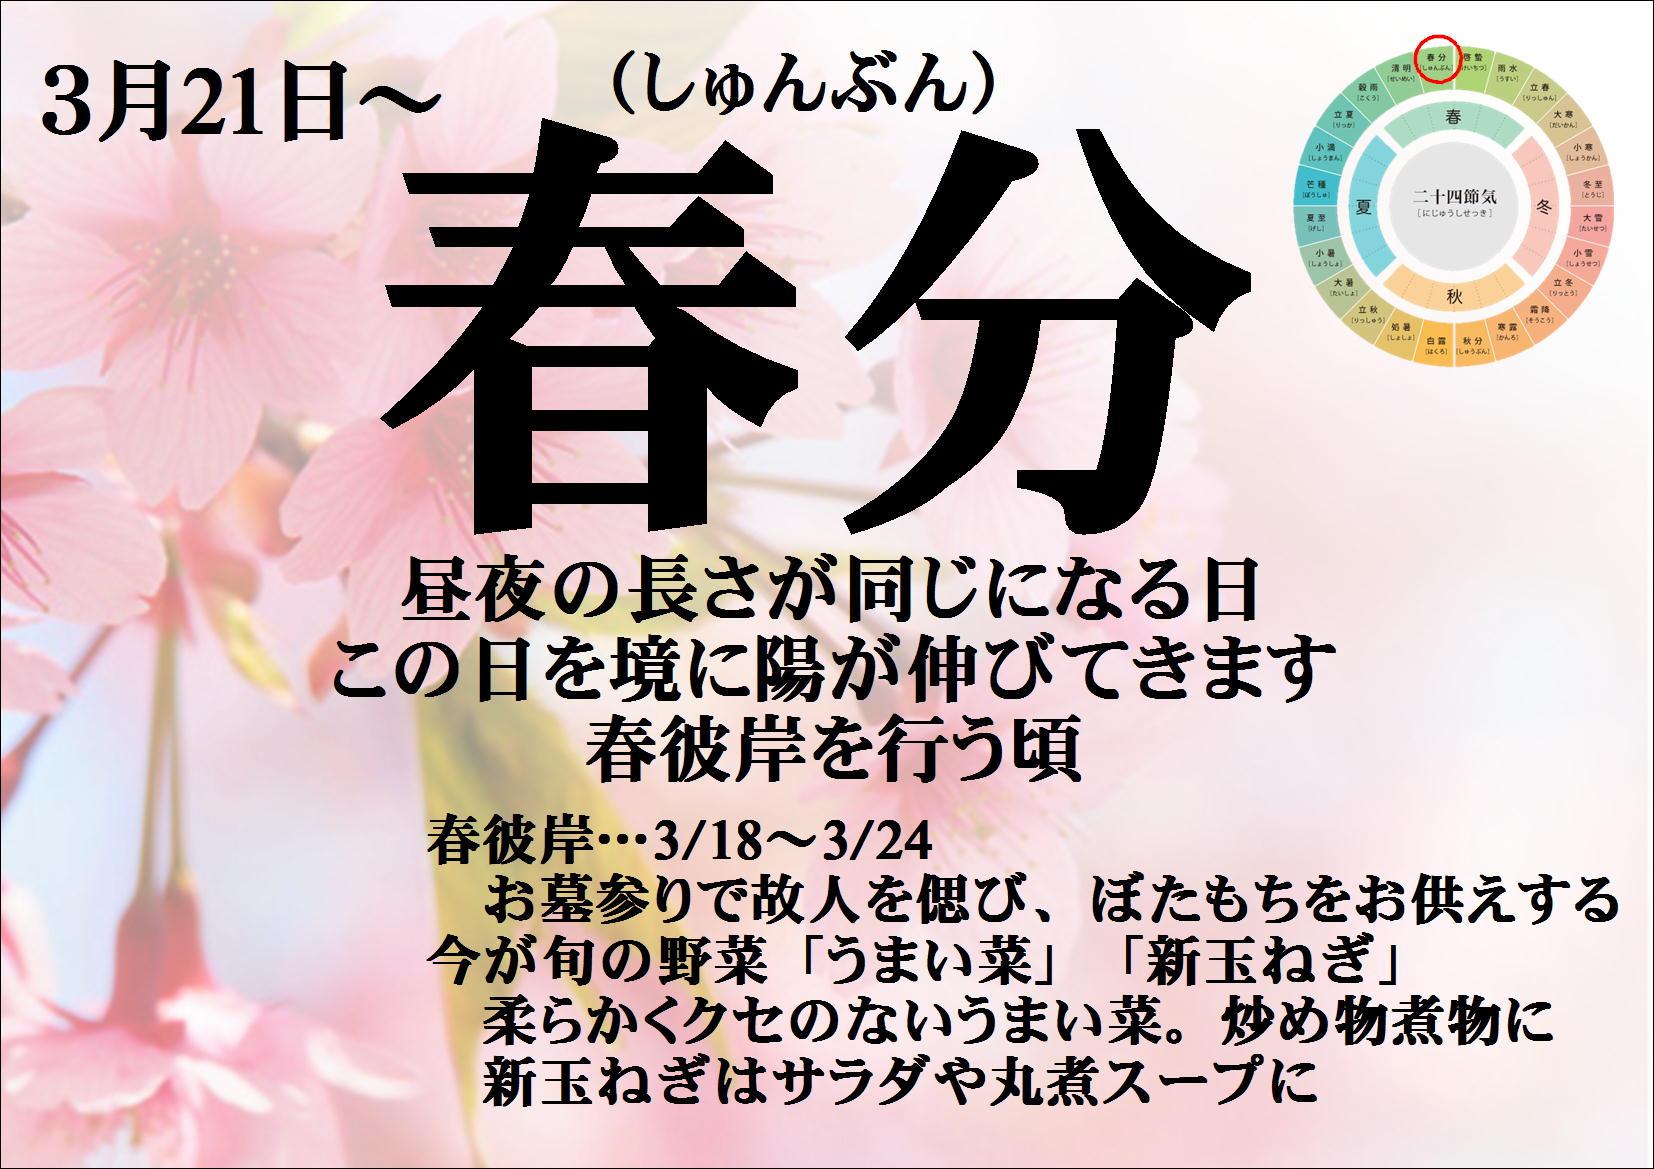 3/21(水)~4/4(水)は「春分(しゅんぶん)」です